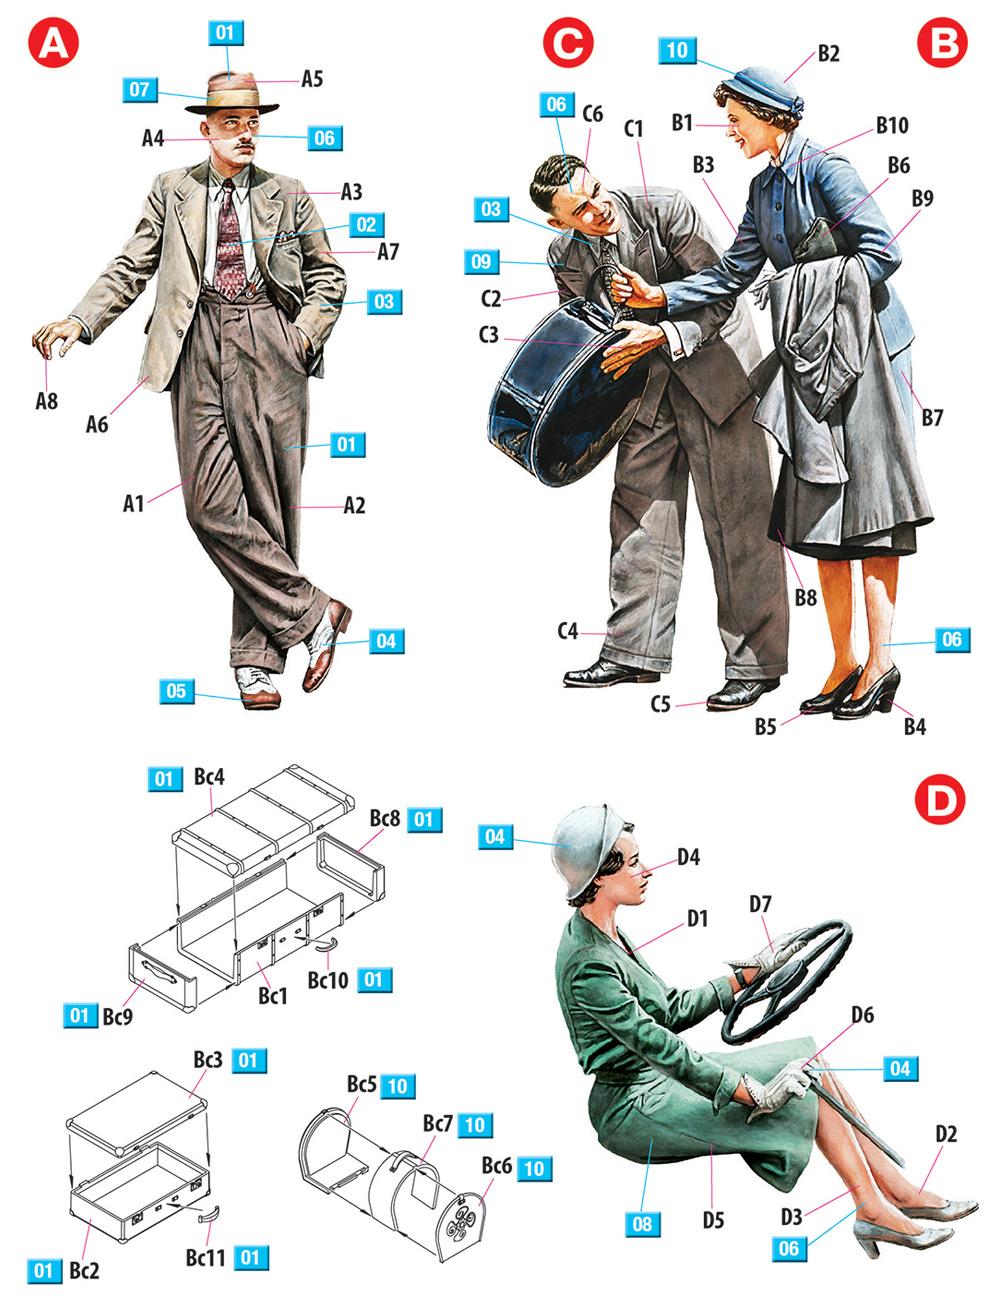 自動車で旅行する民間人 1930-40年代プラモデル(ミニアート1/35 ミニチュアシリーズNo.38017)商品画像_1